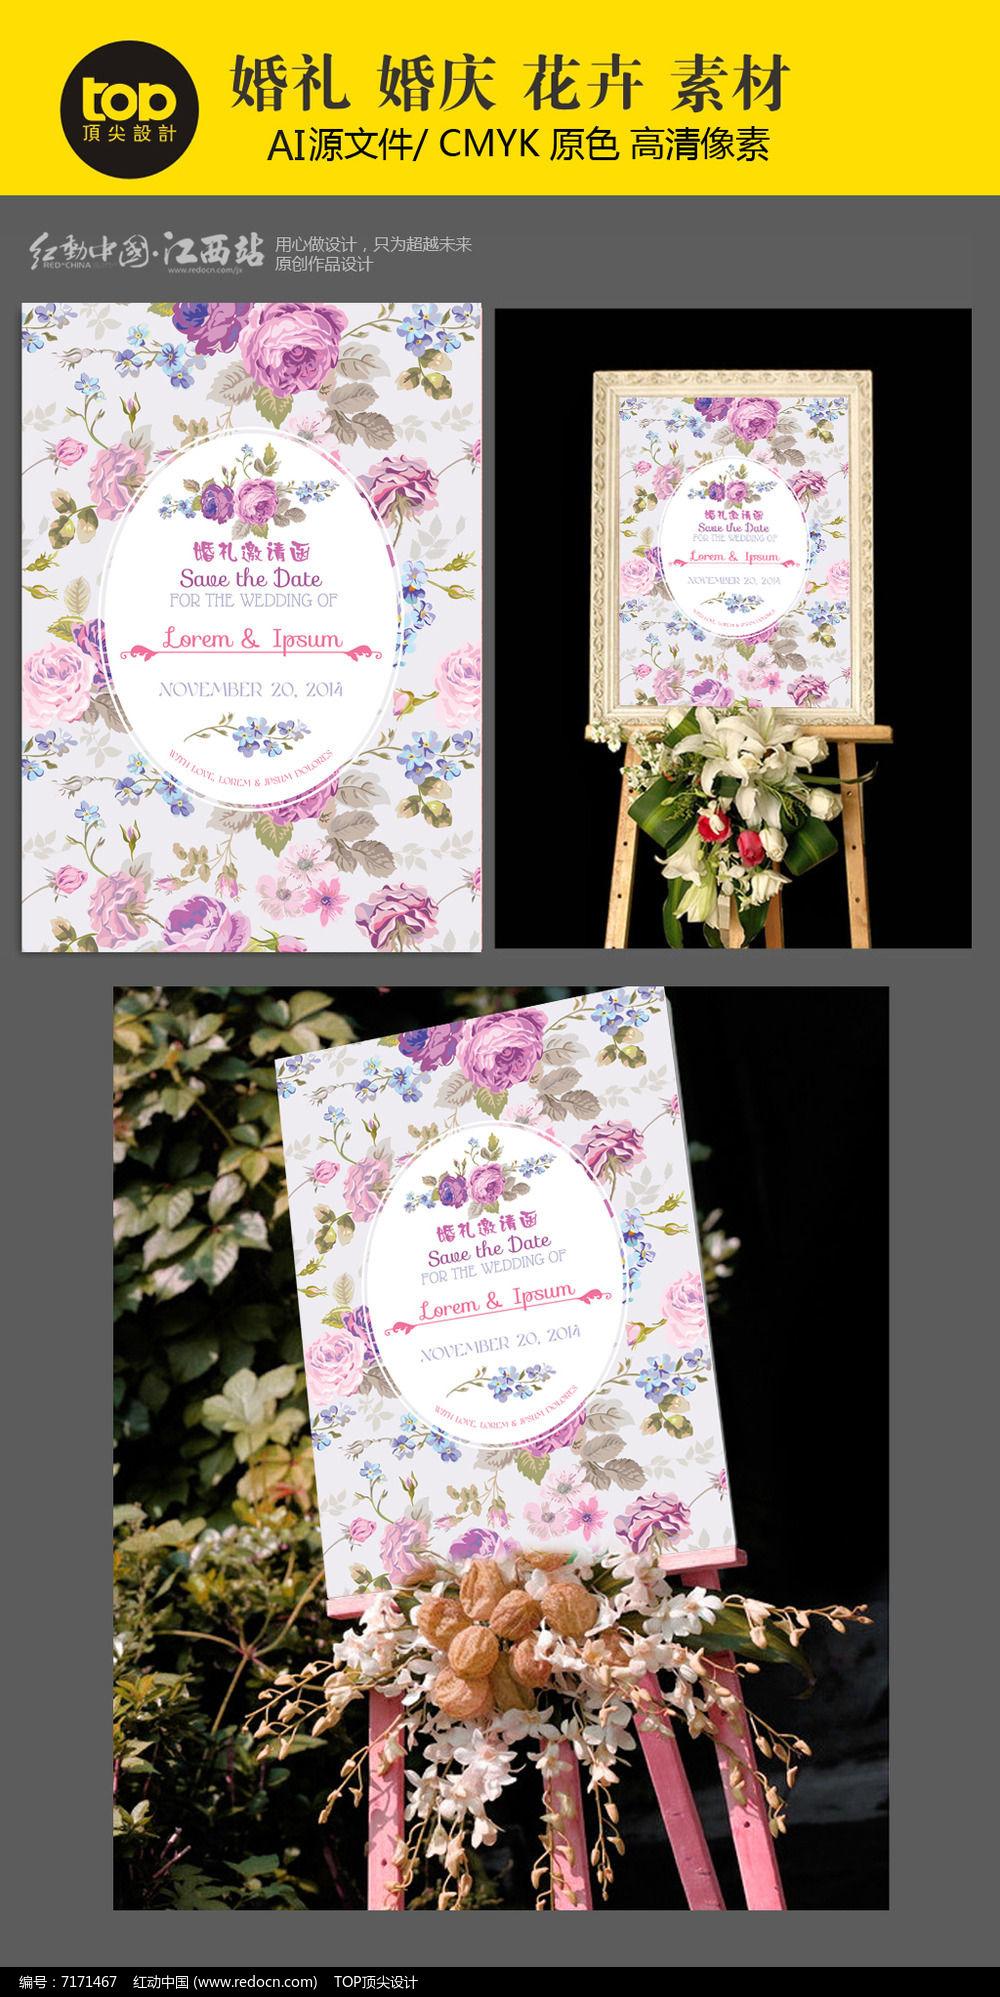 唯美风格紫色花卉婚礼海报迎宾牌海报设计图片